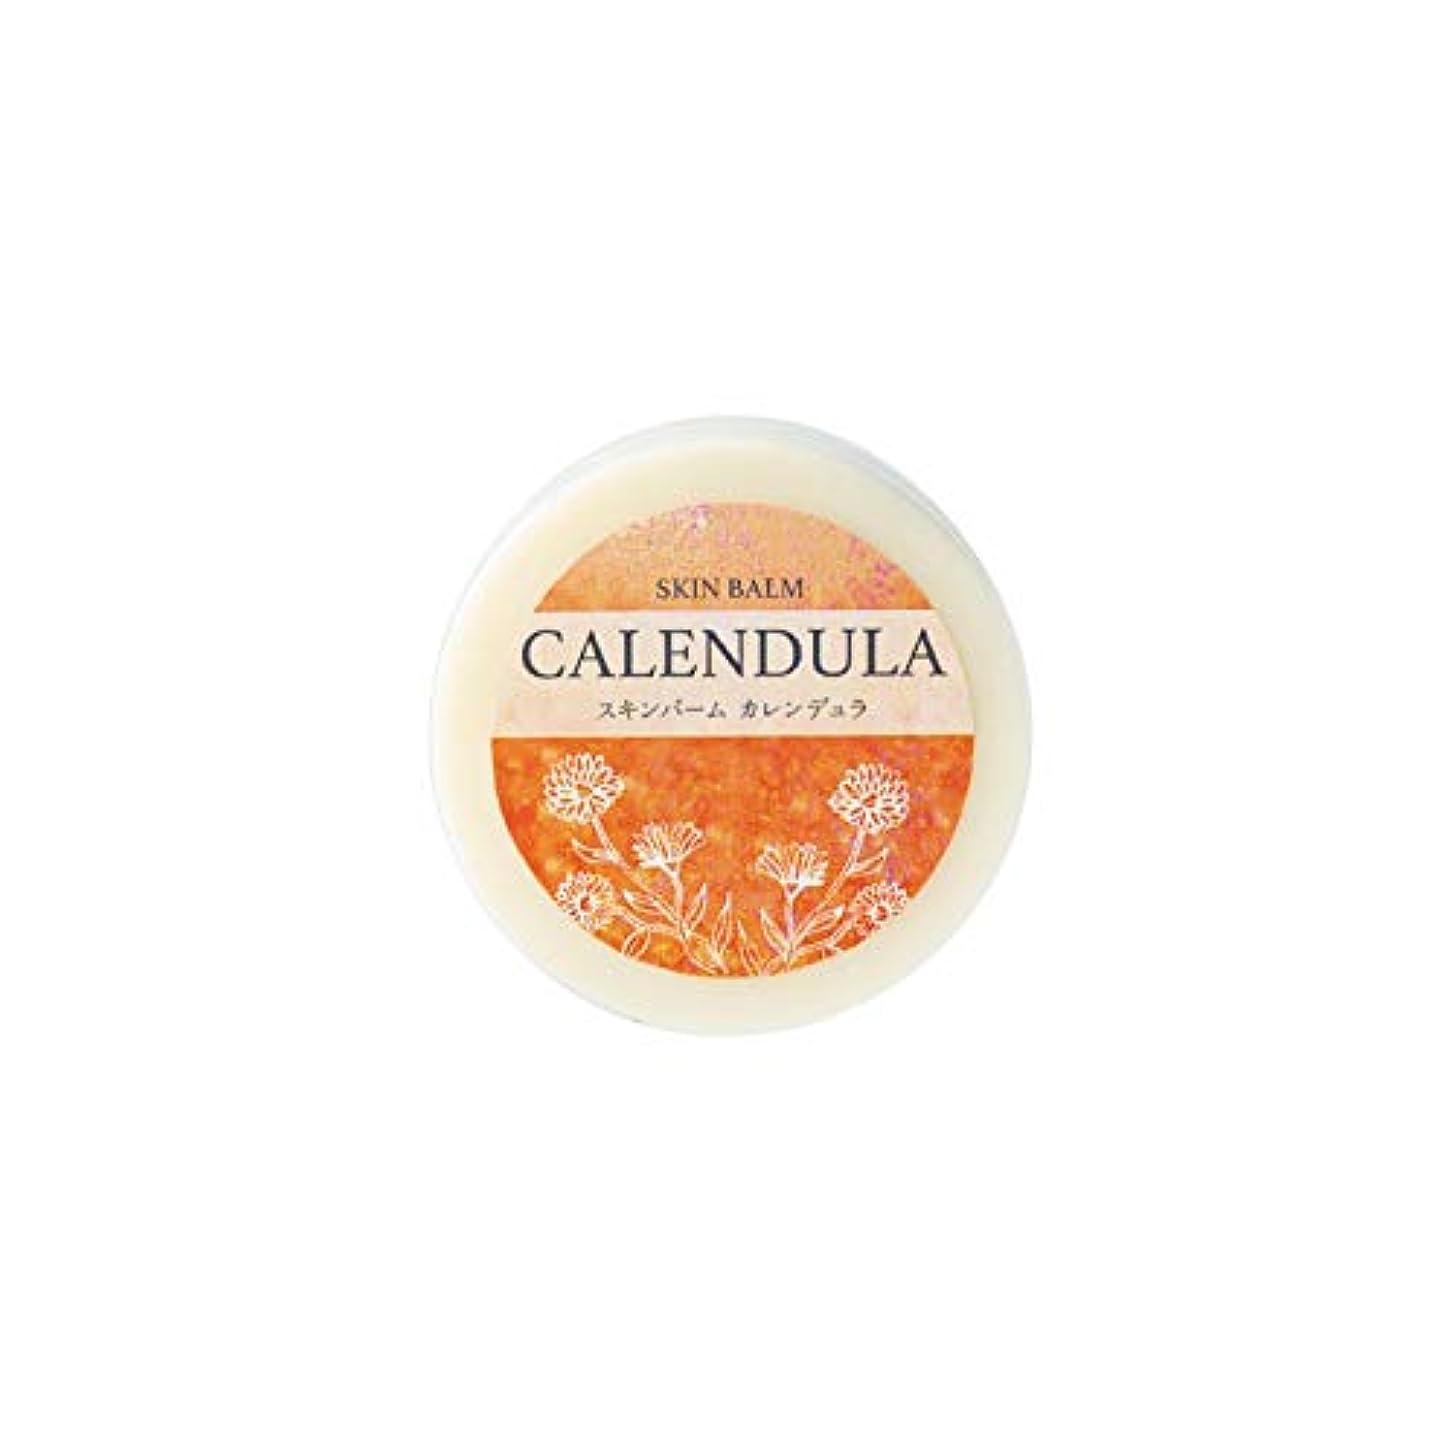 コンベンション手荷物病的生活の木 スキンバーム カレンデュラ 30g